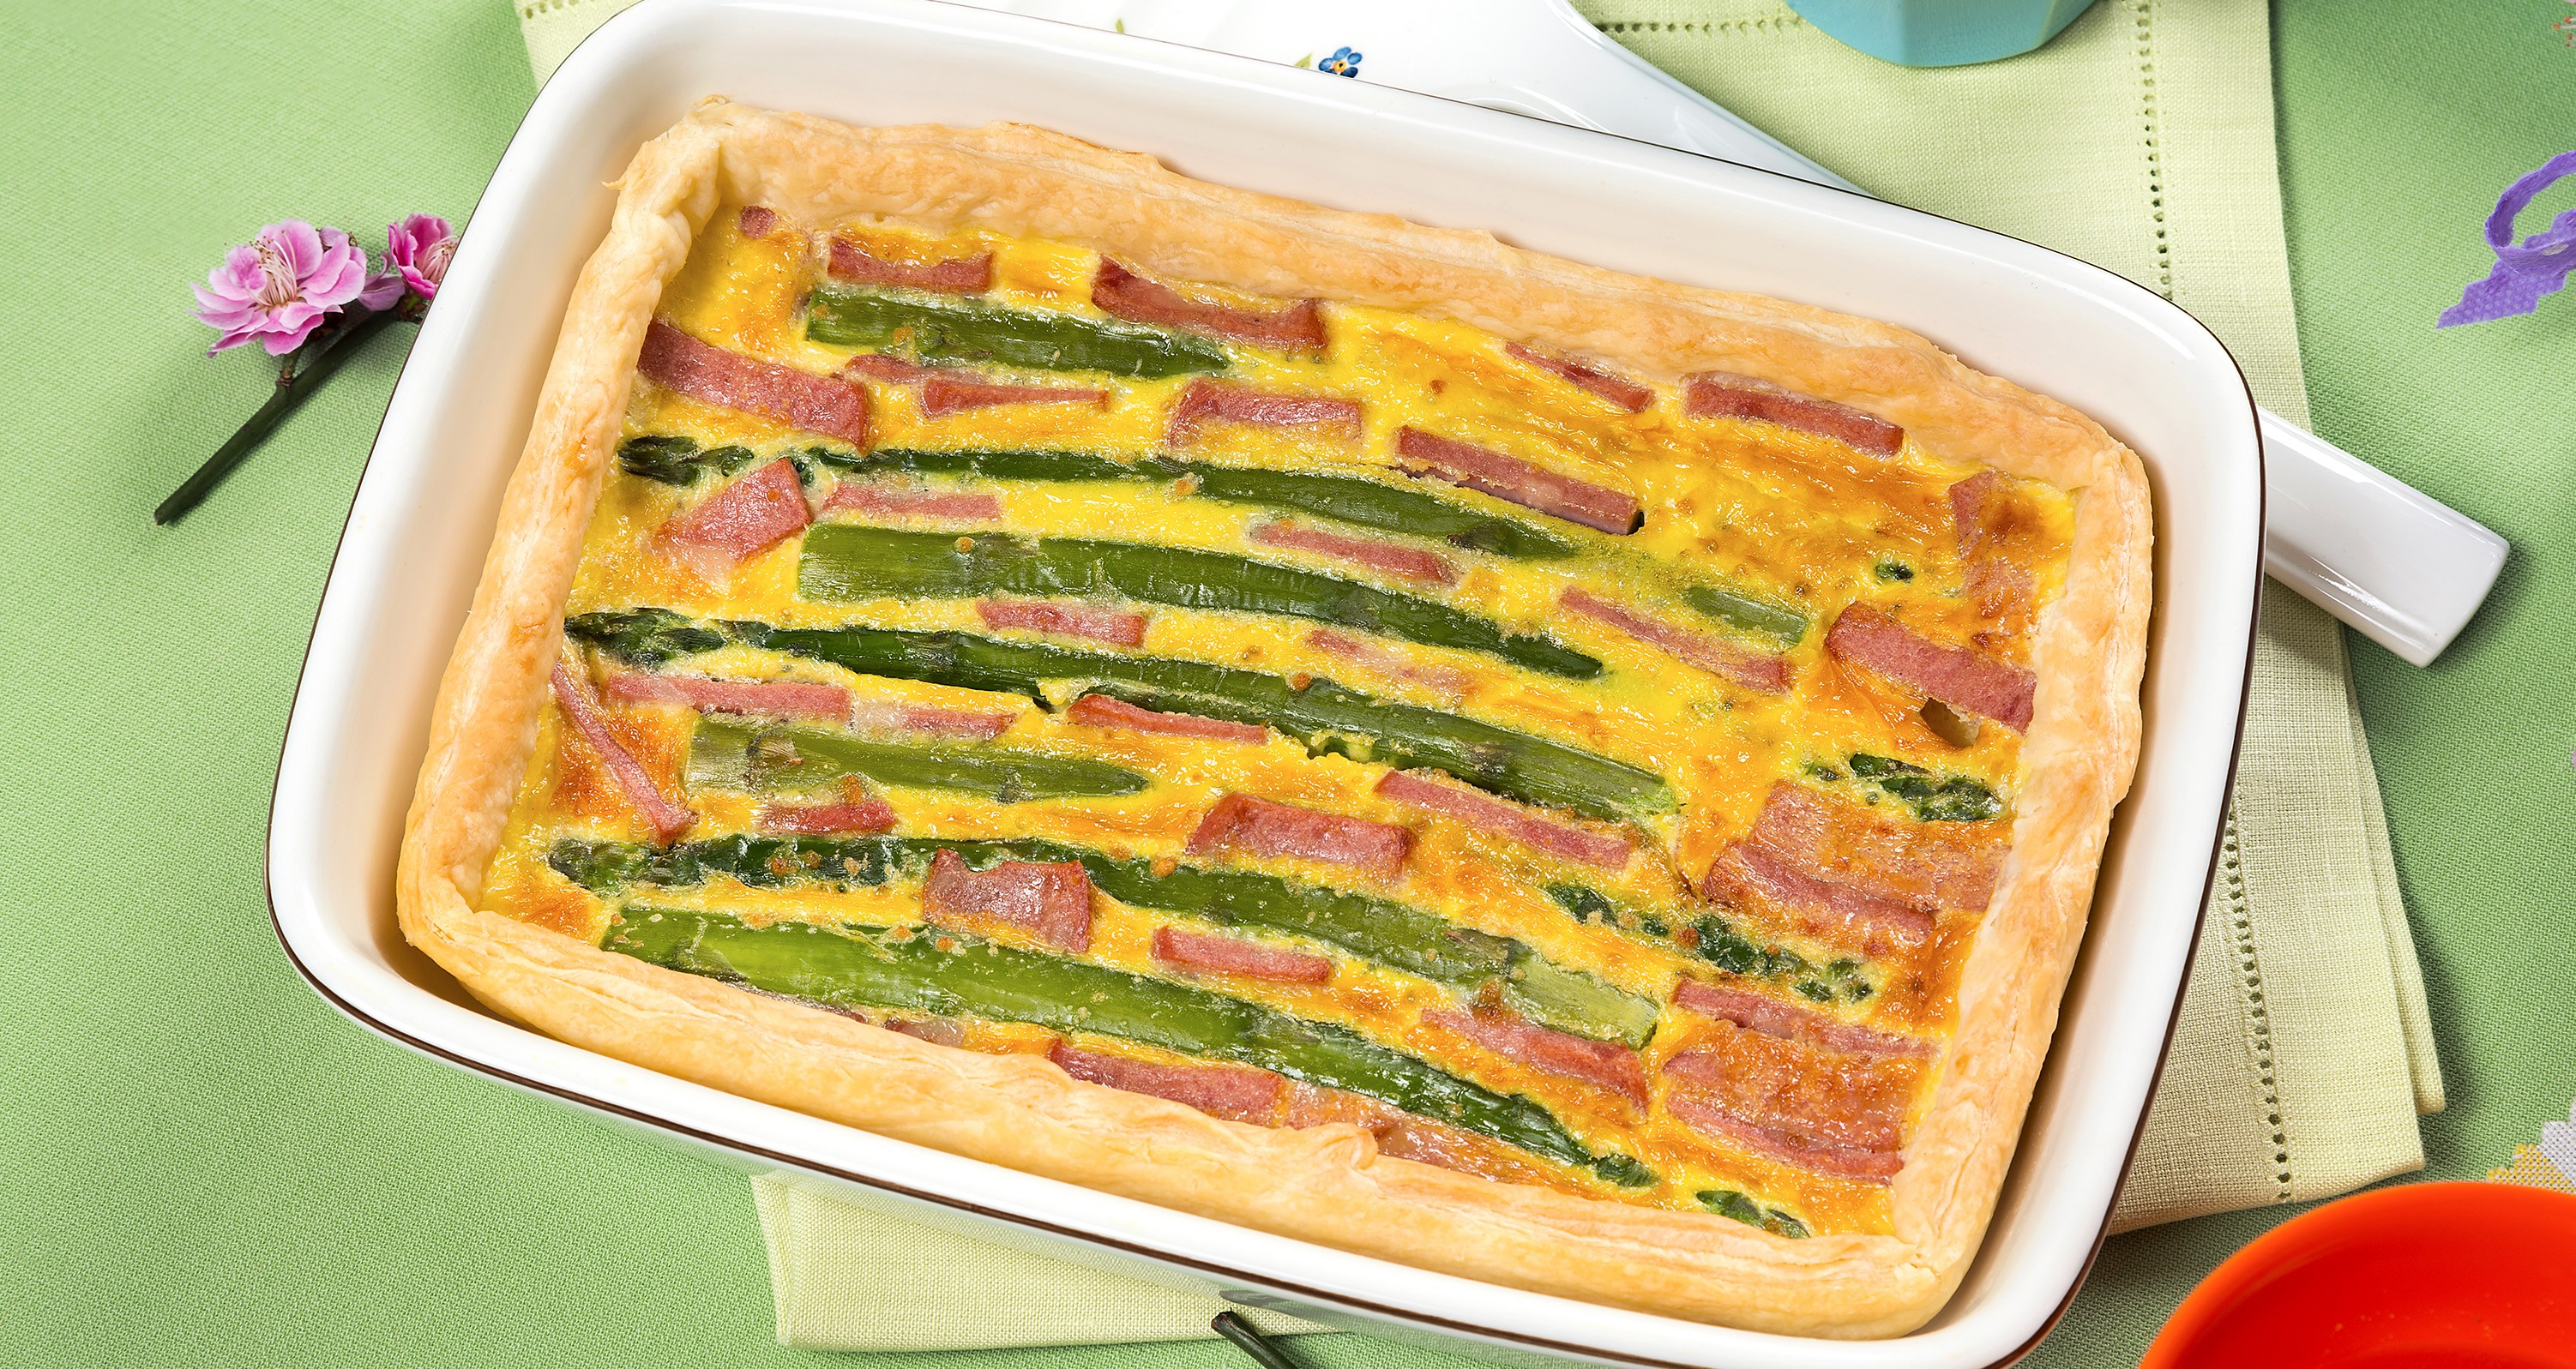 torta salata asparagi e mortadella